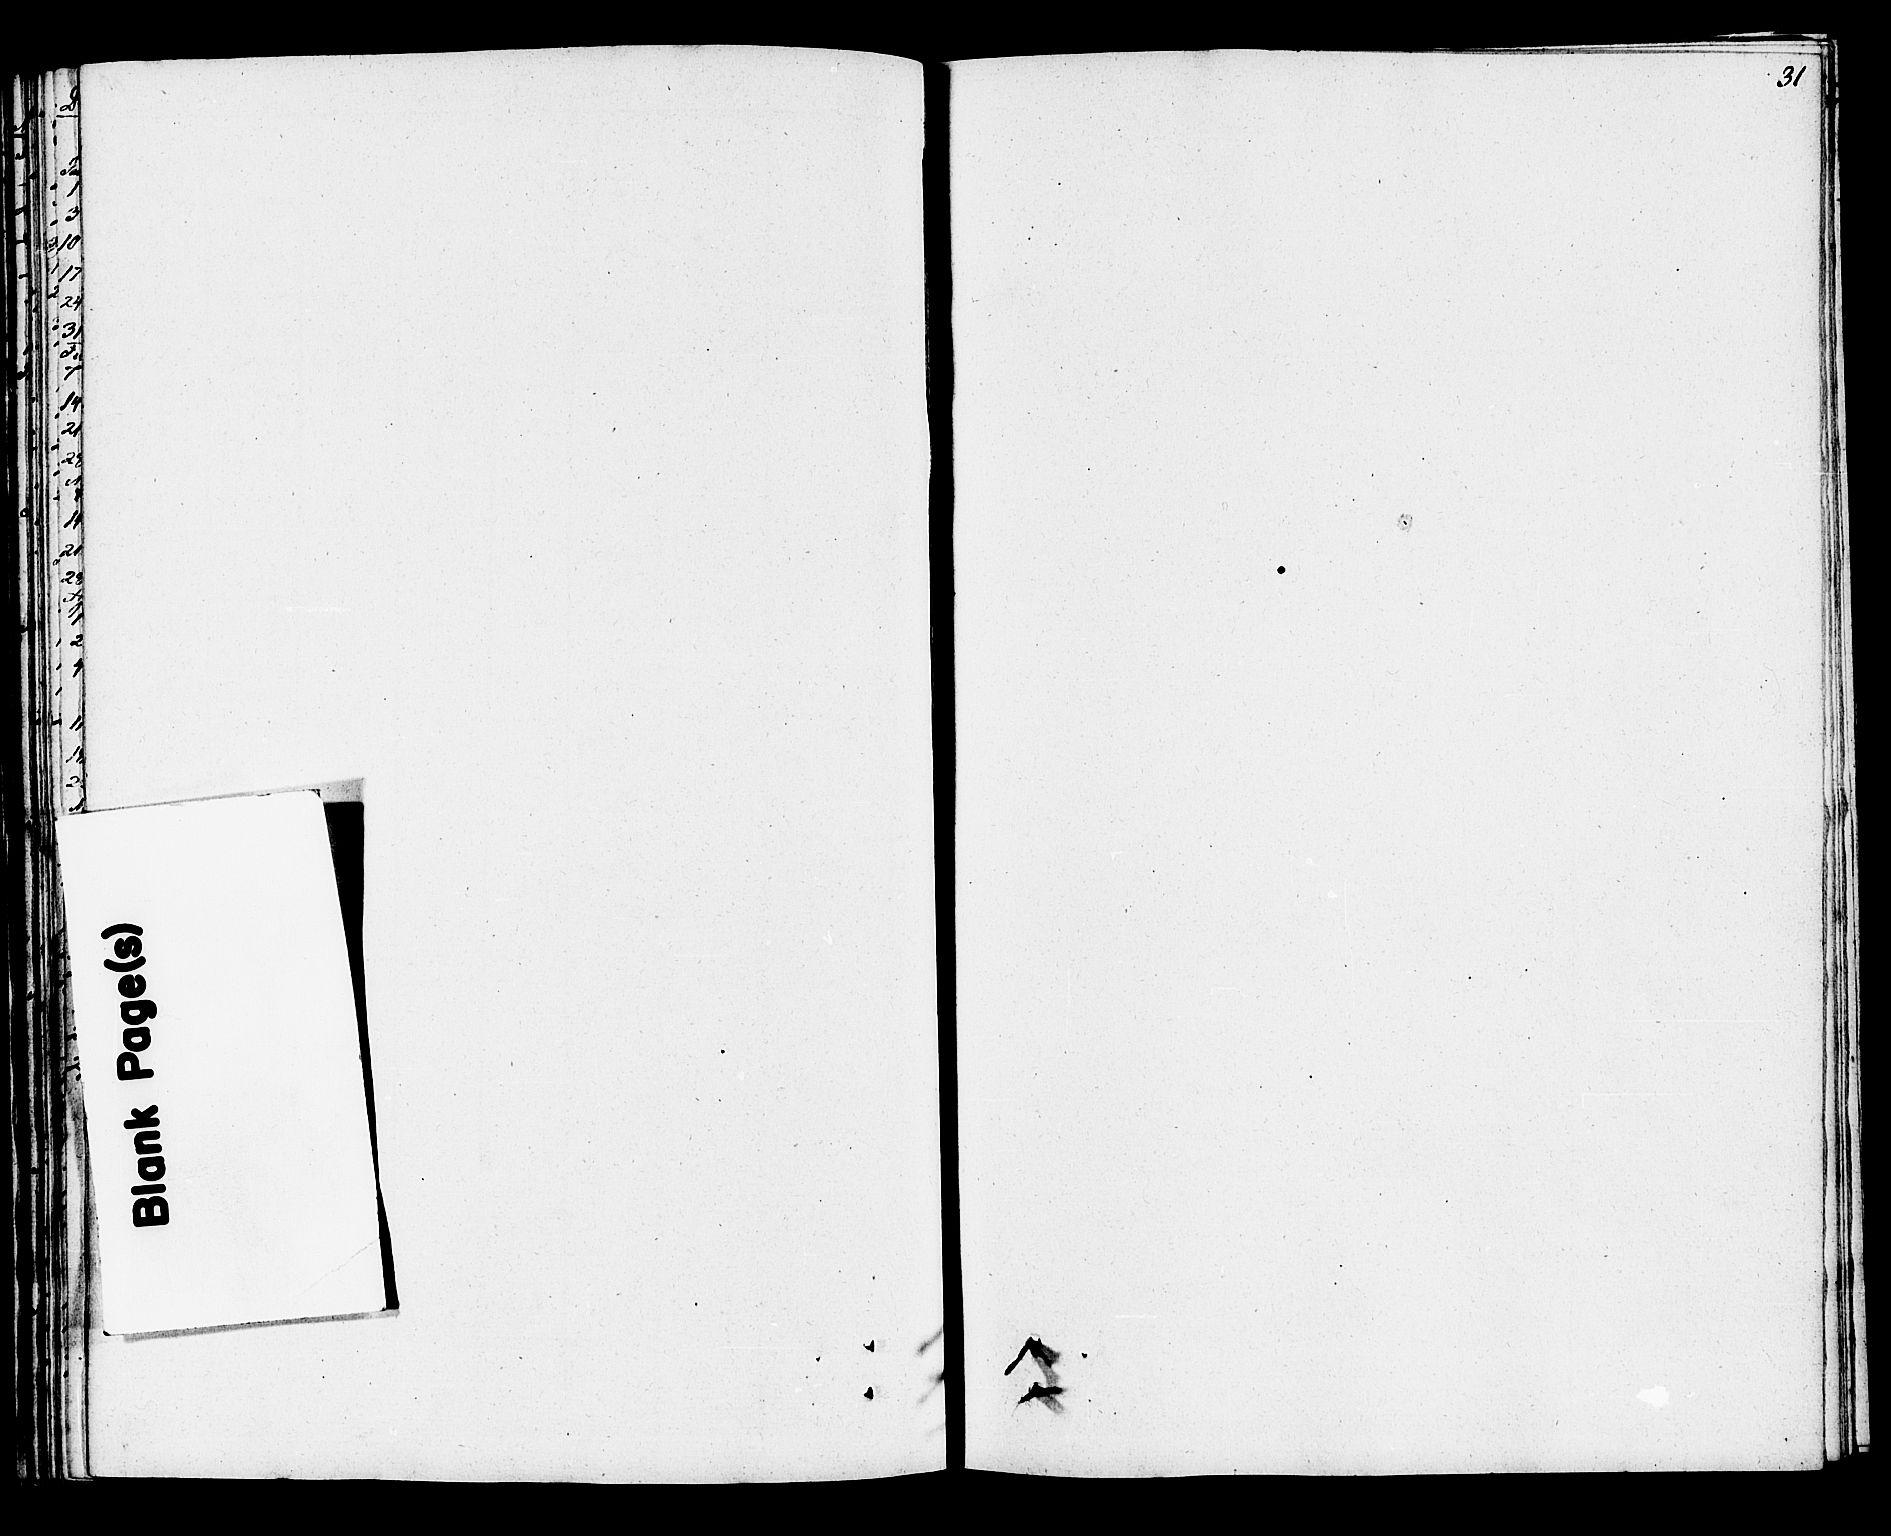 SAKO, Eidanger kirkebøker, F/Fa/L0009: Ministerialbok nr. 9, 1831-1849, s. 31